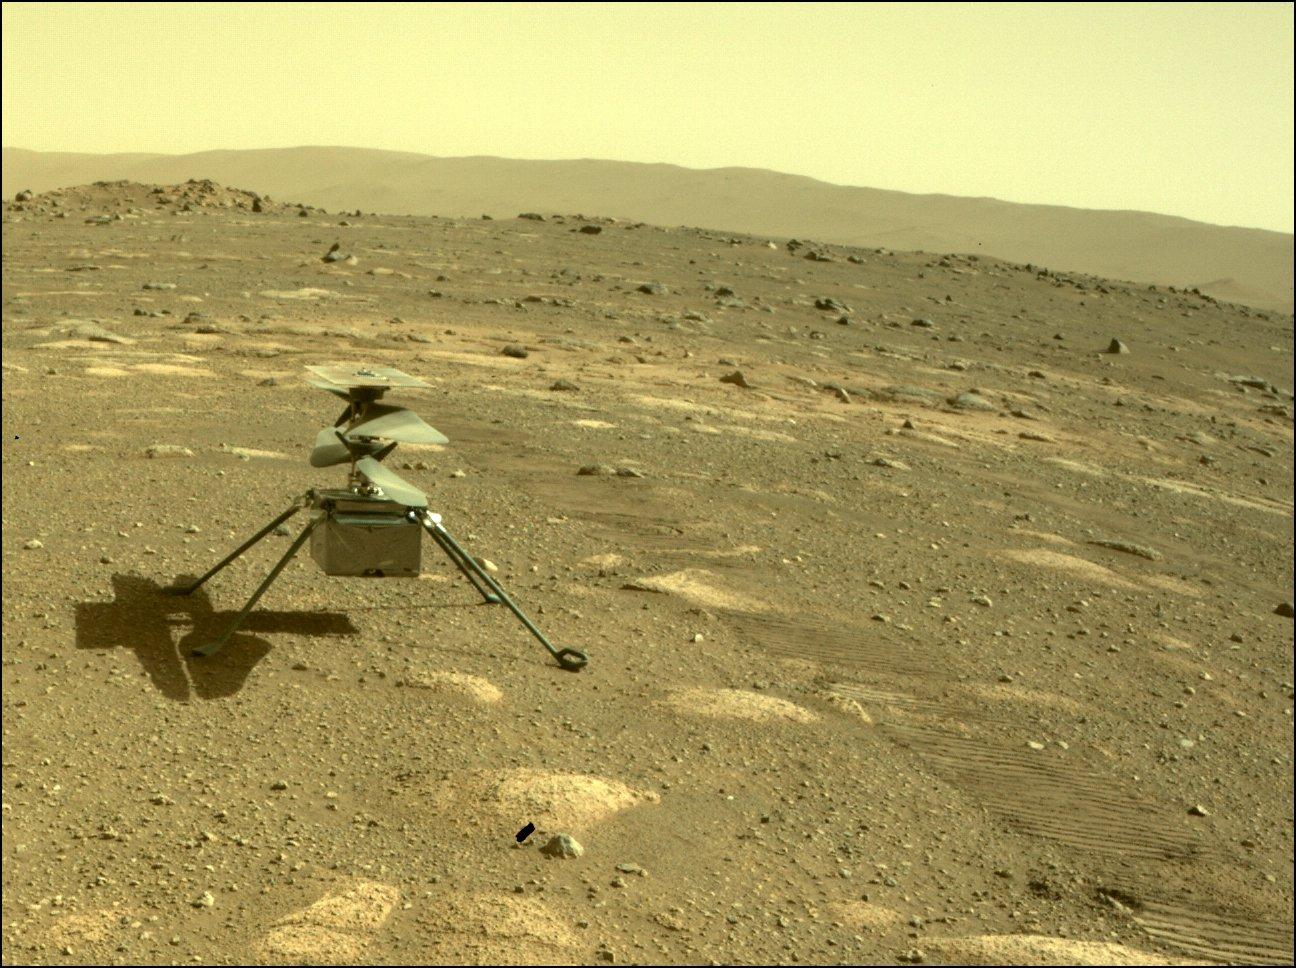 El helicóptero Ingenuity Mars de la NASA sobrevive solito a la primera fría noche marciana